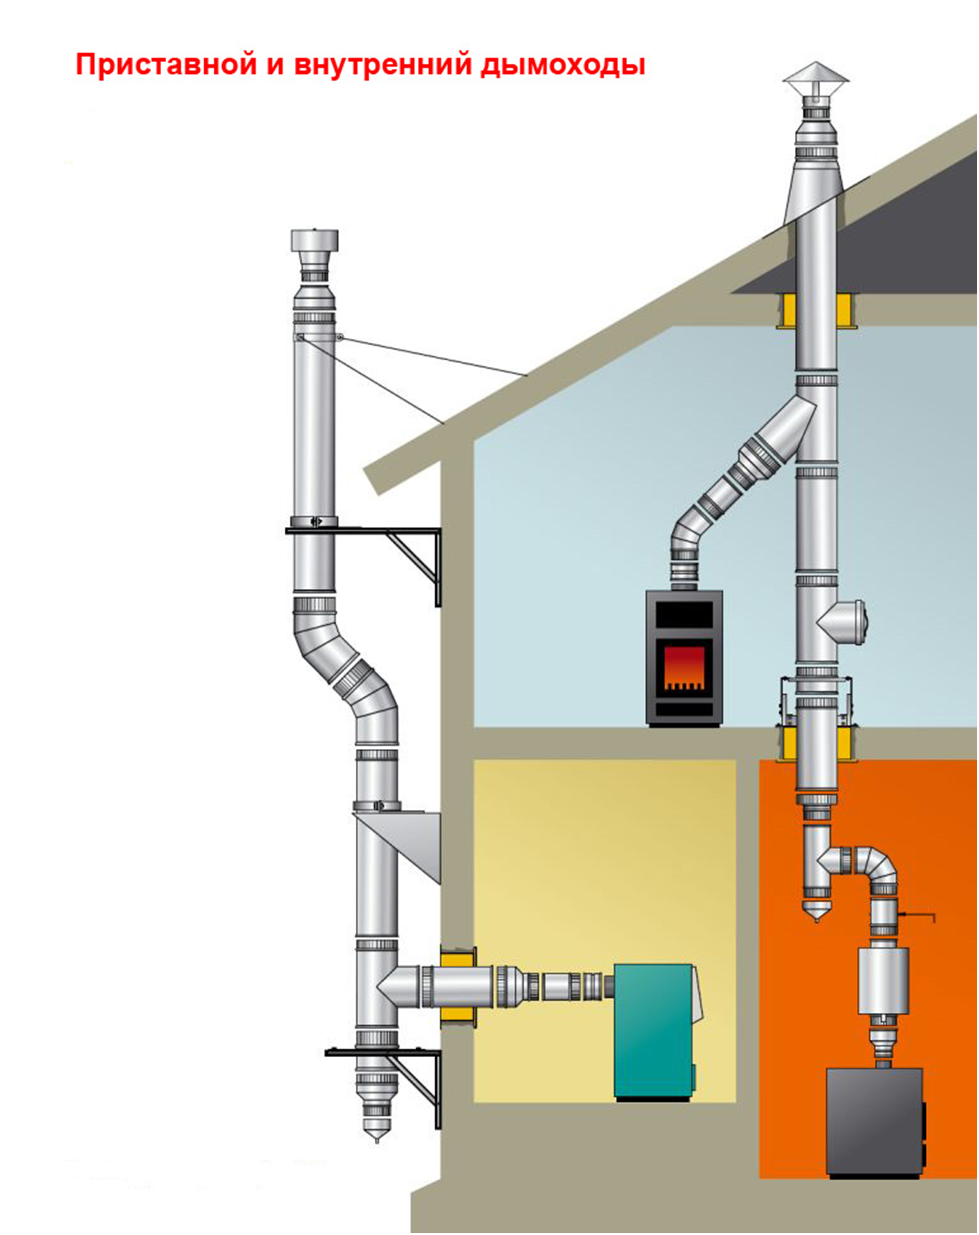 Дымоходы в газовых котлах: устройство и установка